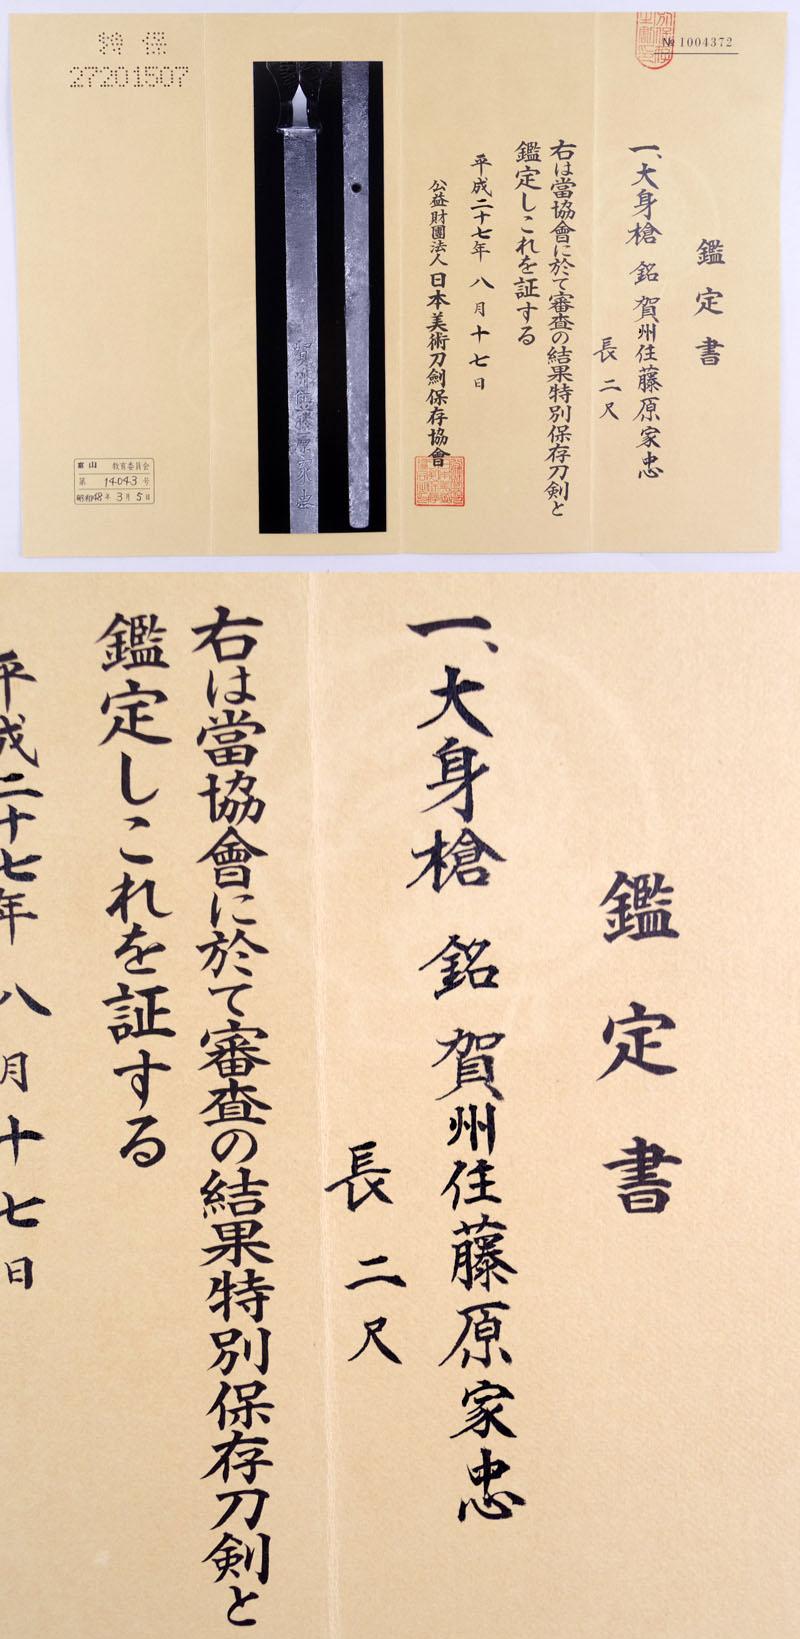 賀州住藤原家忠 Picture of Certificate